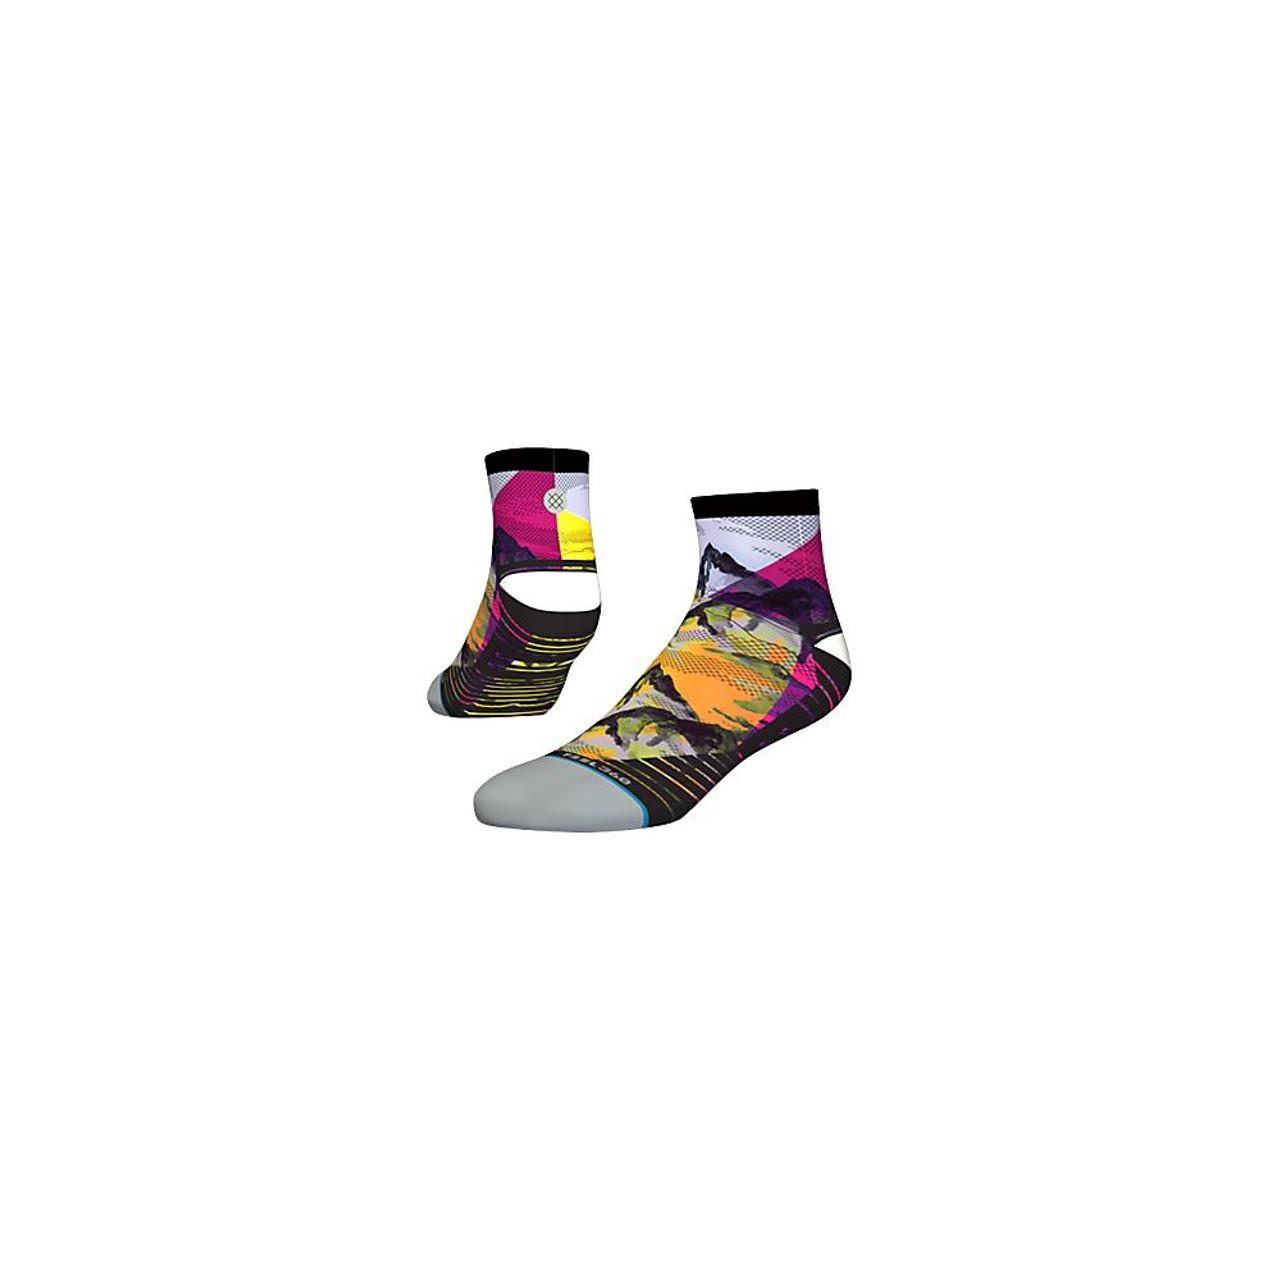 Men's Stance RUN Peaks Quarter Socks